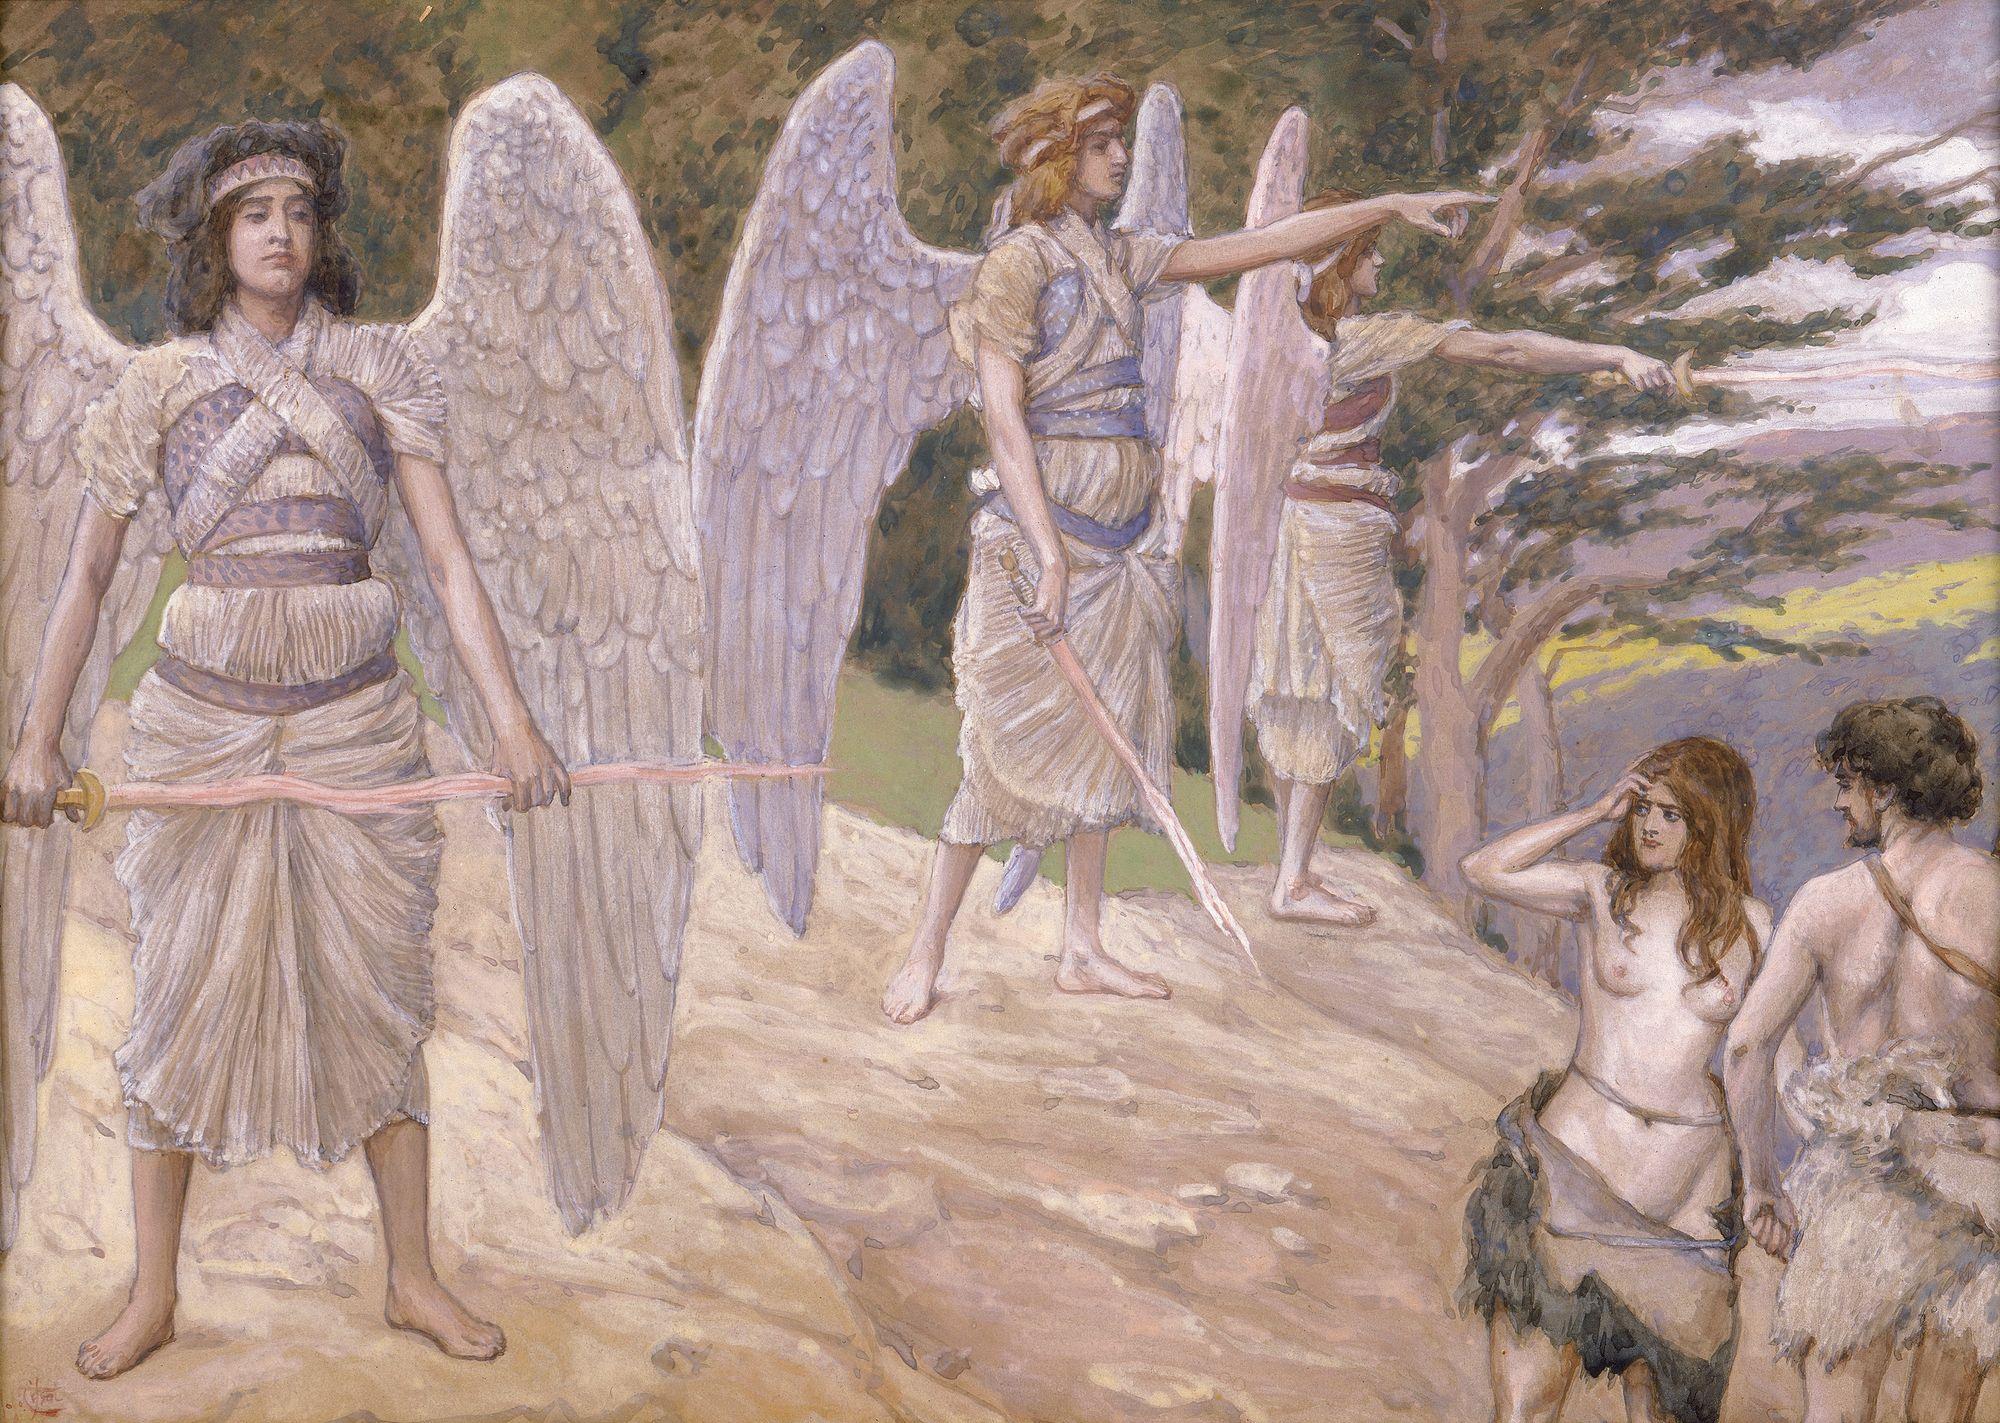 Adan y Eva expulsados del Jardín del Eden  de James Jacques Joseph Tissot. En esta pintura se retrata el momento exacto de la explusión de Adán y Eva del Jardín del Eden